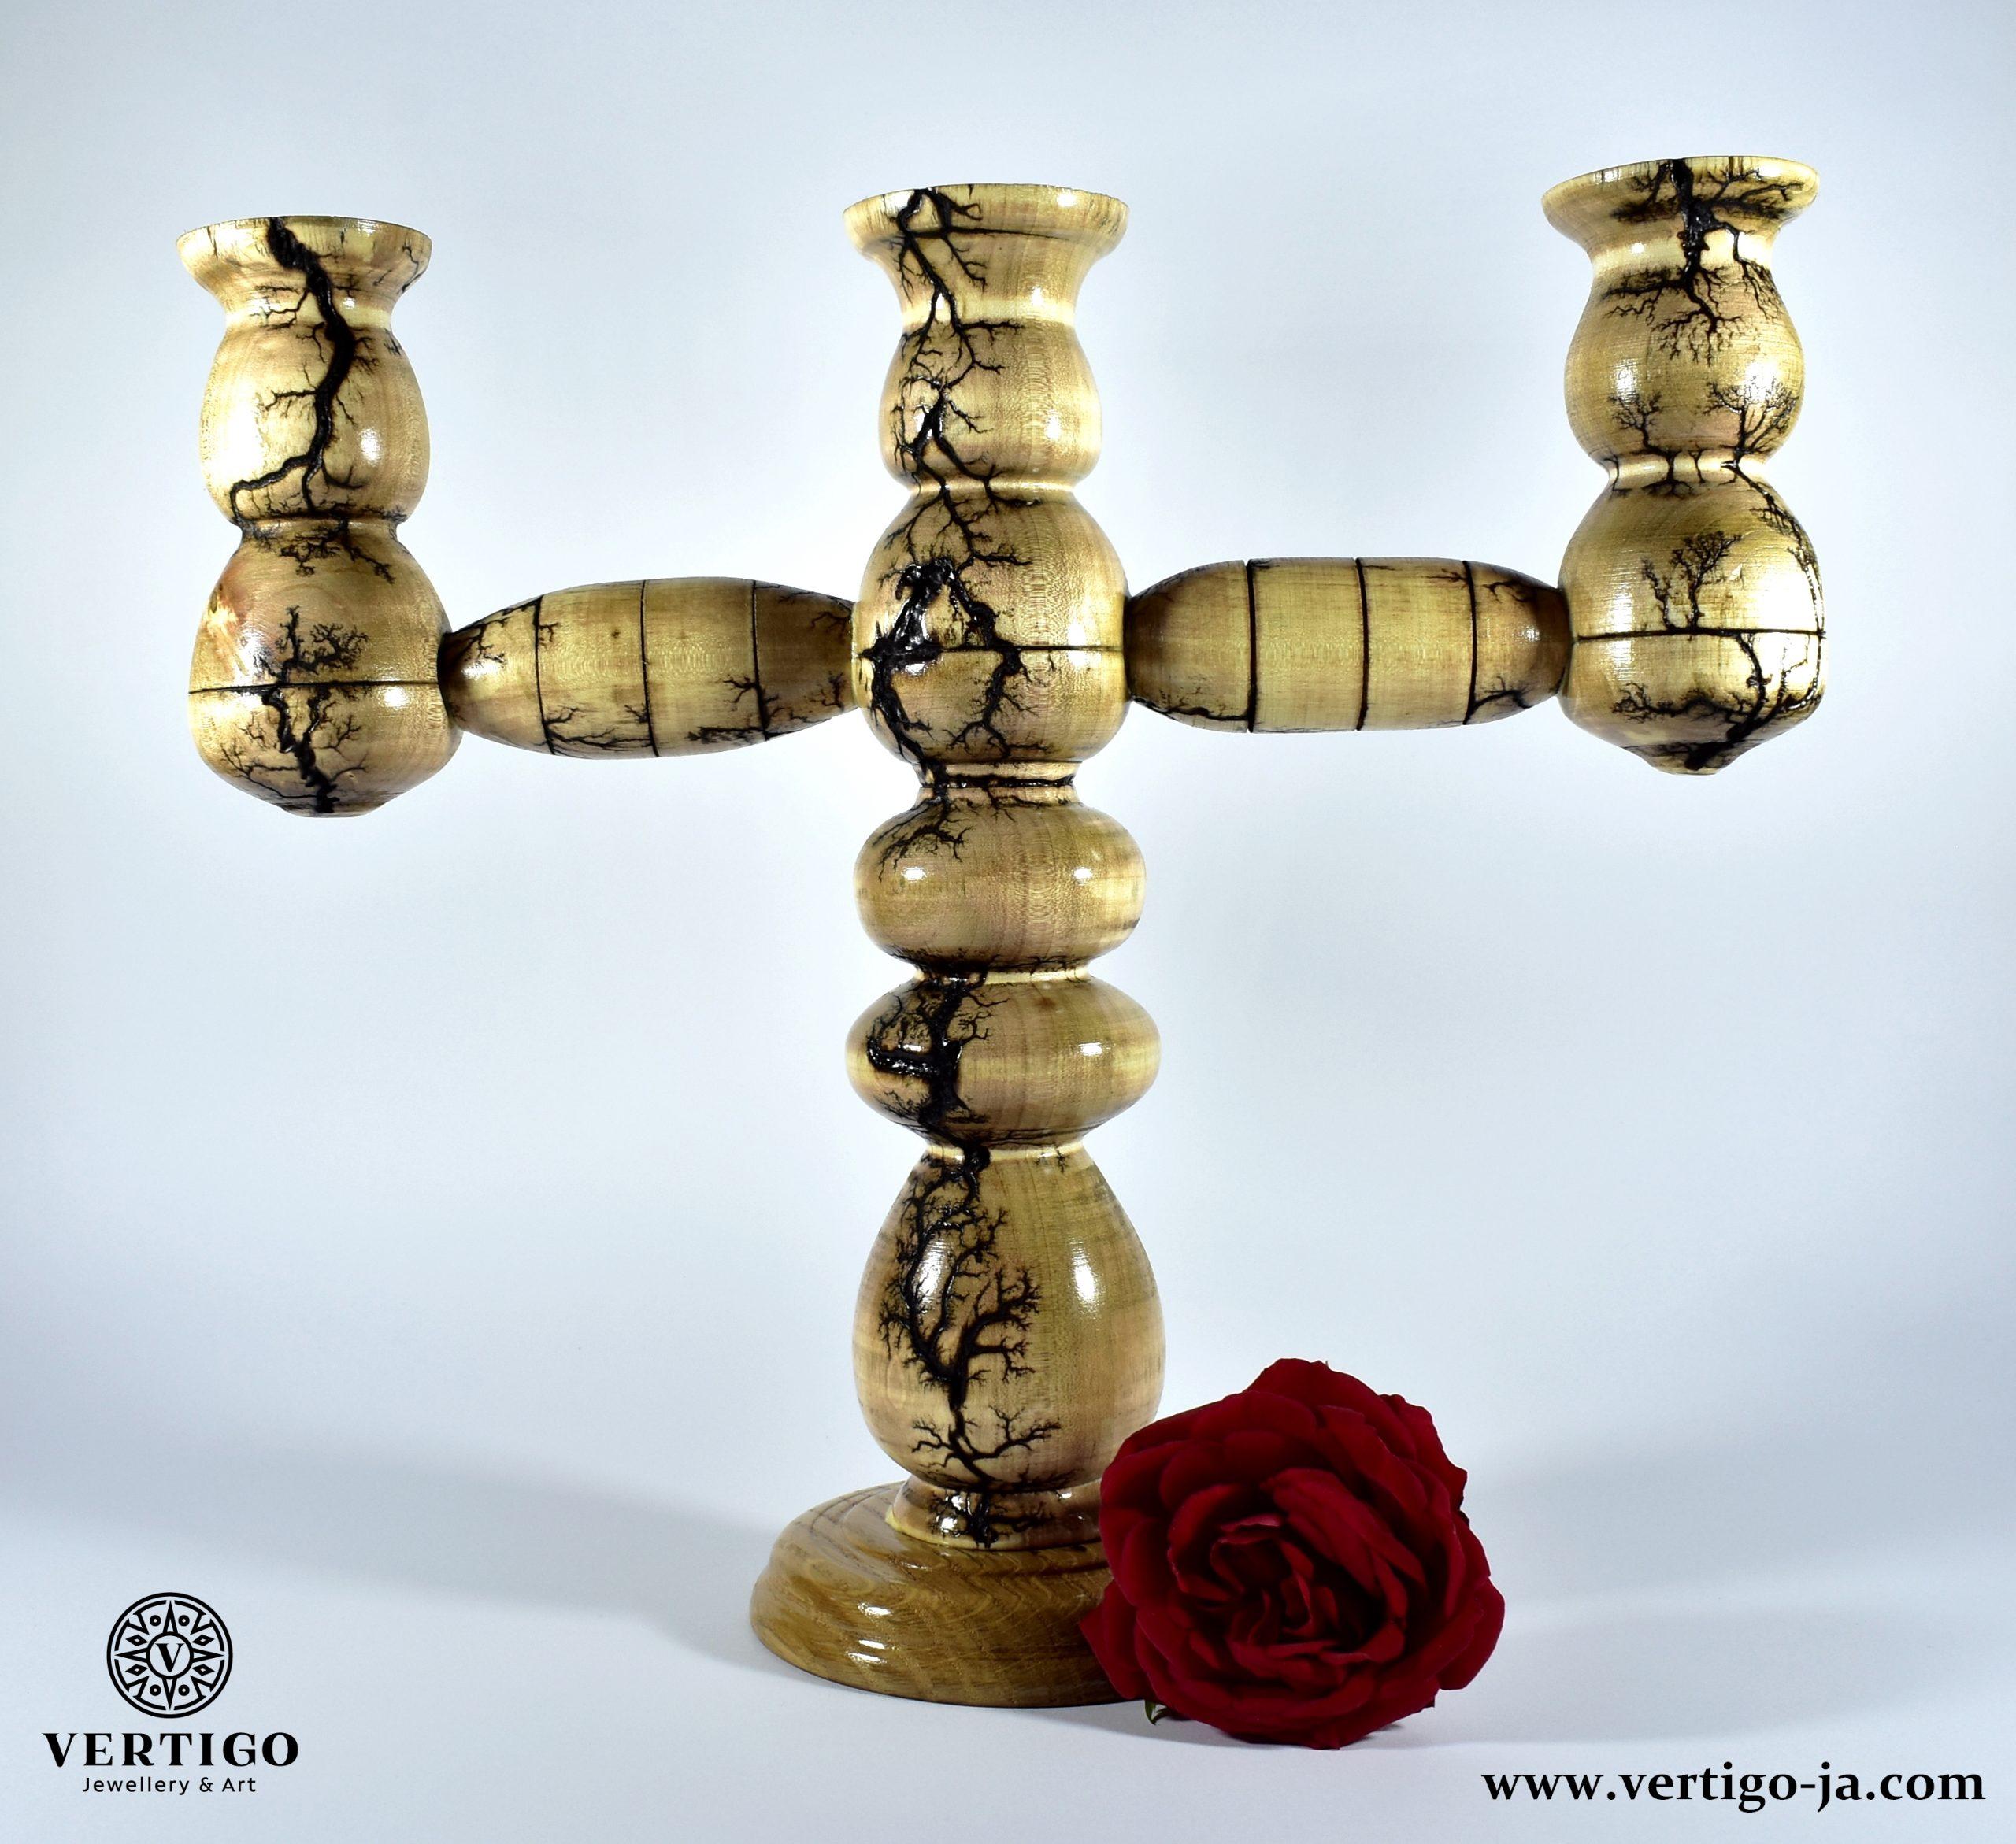 swiecznik-trojramienny-toczony-drewniany-wypalany-z-roza